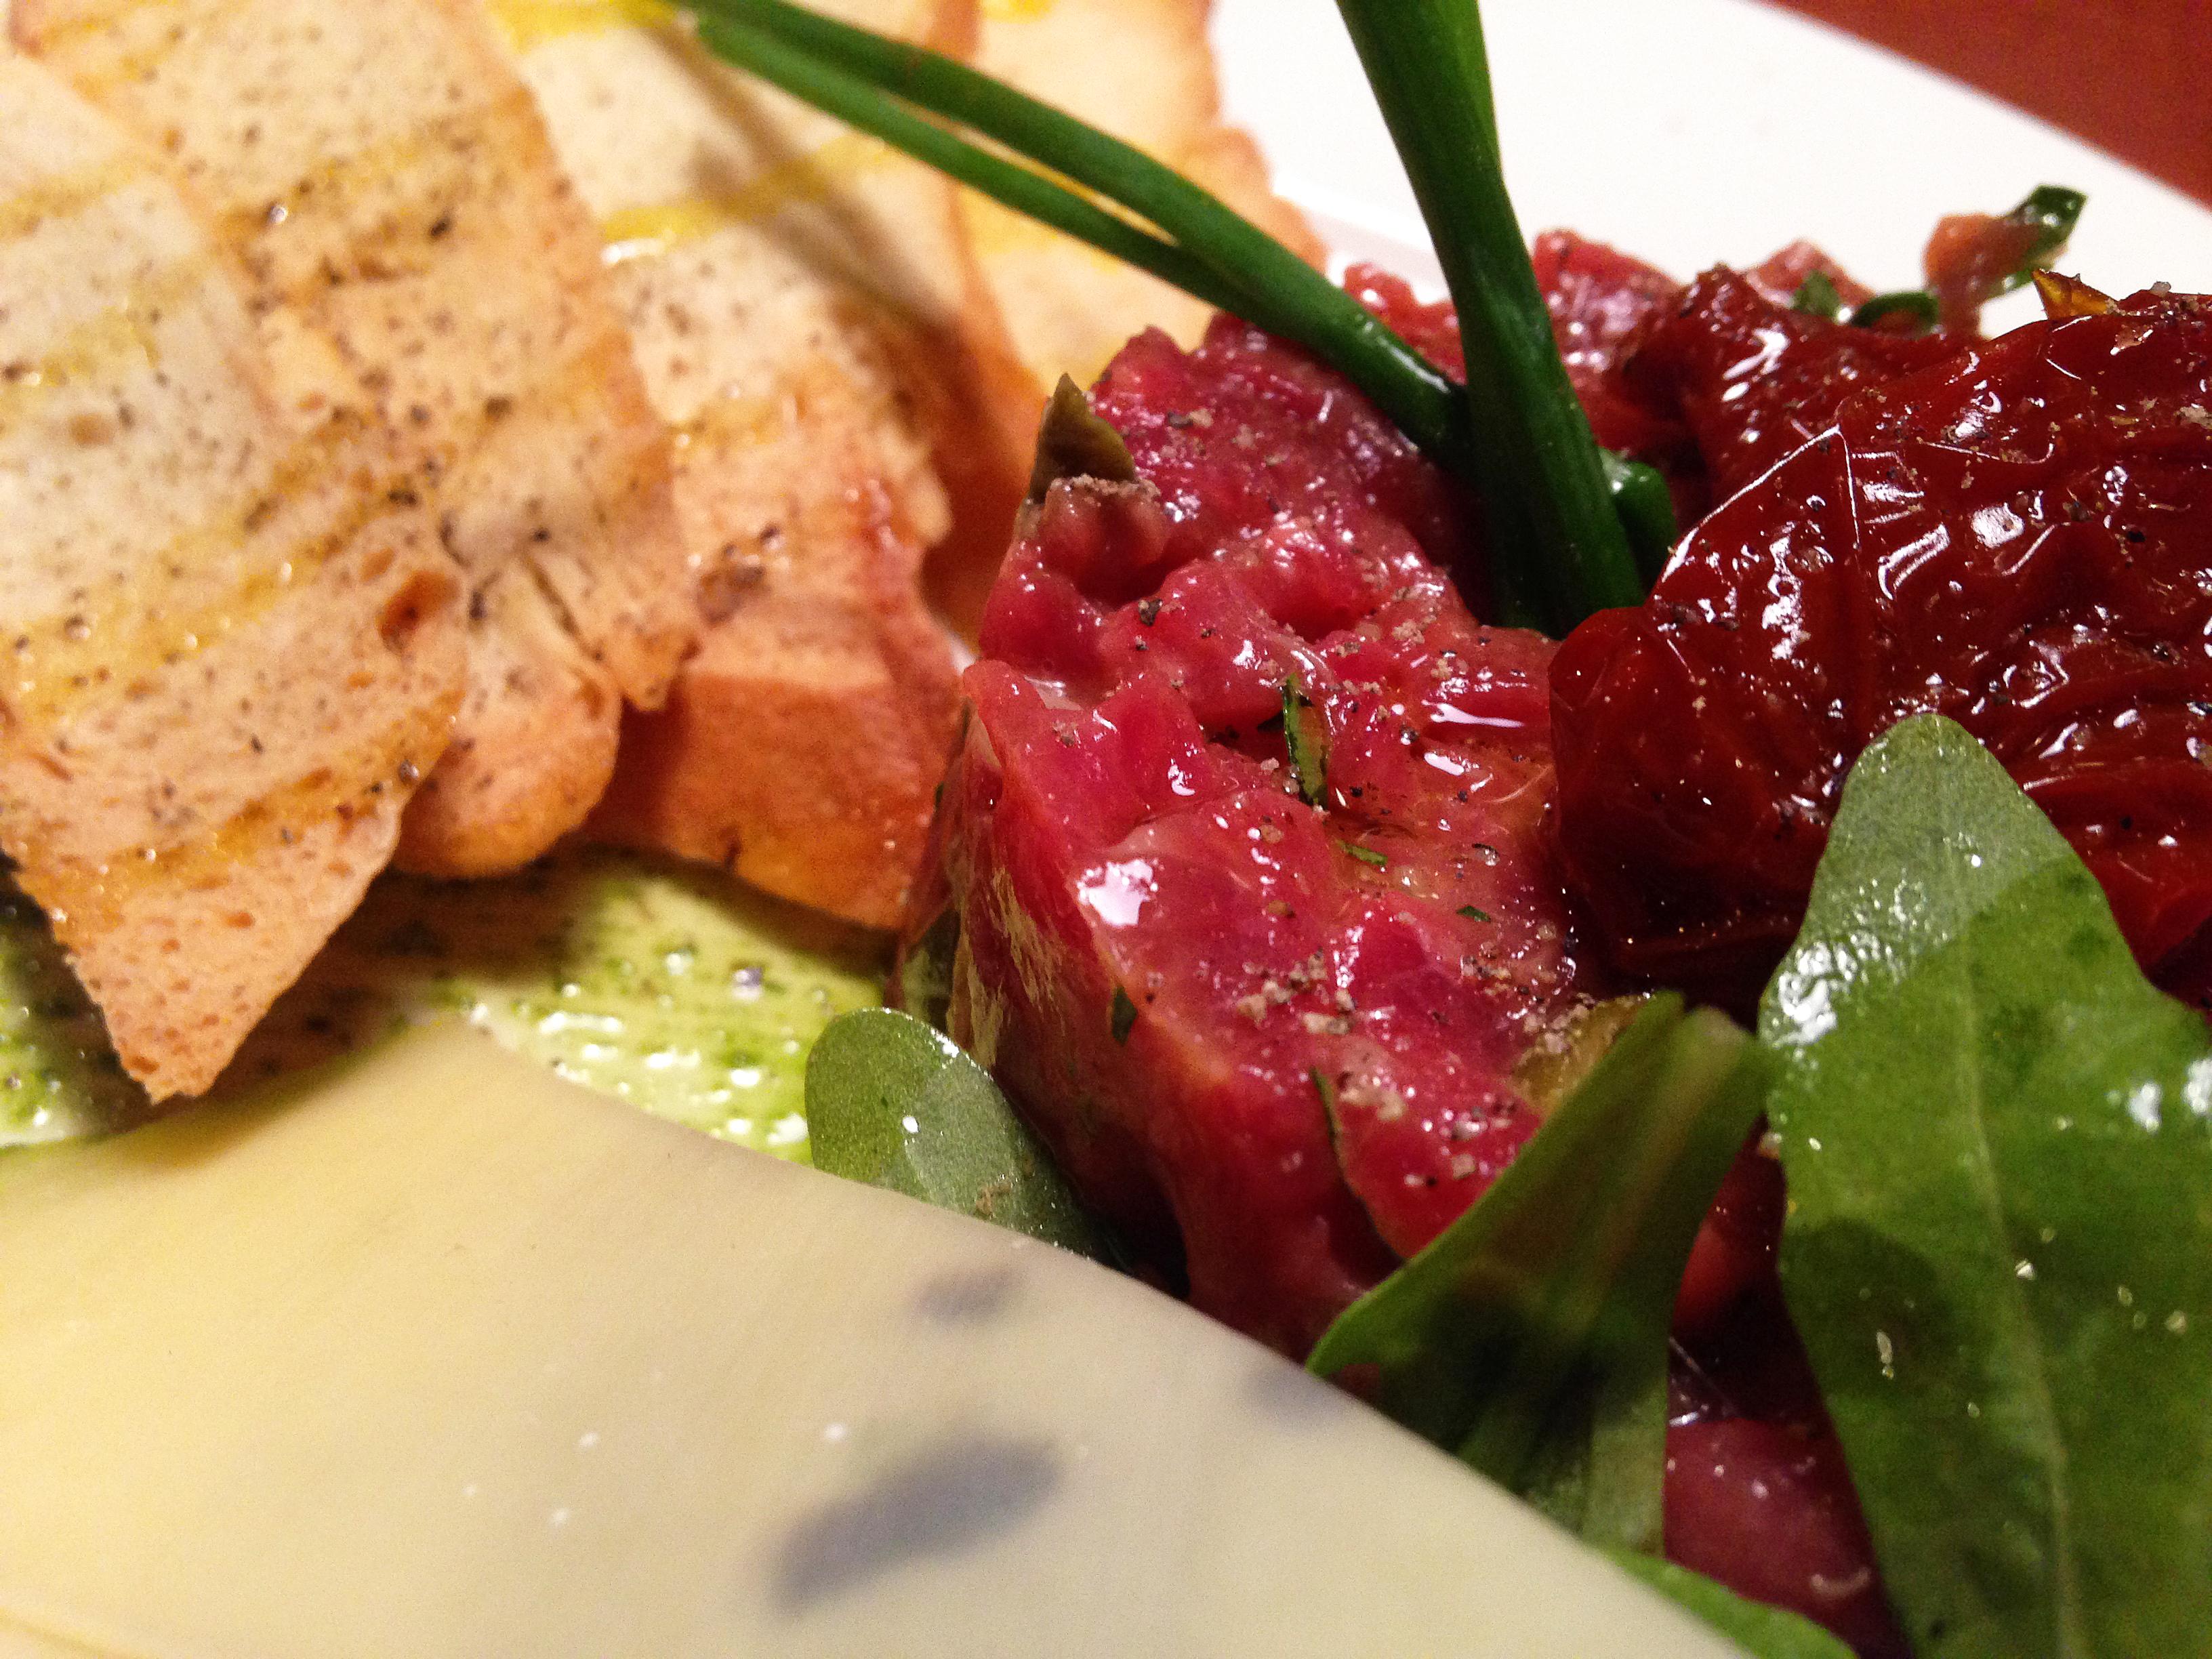 Ресторан Бельгийская брассери 0,33 - Тартар из говяжьей вырезки